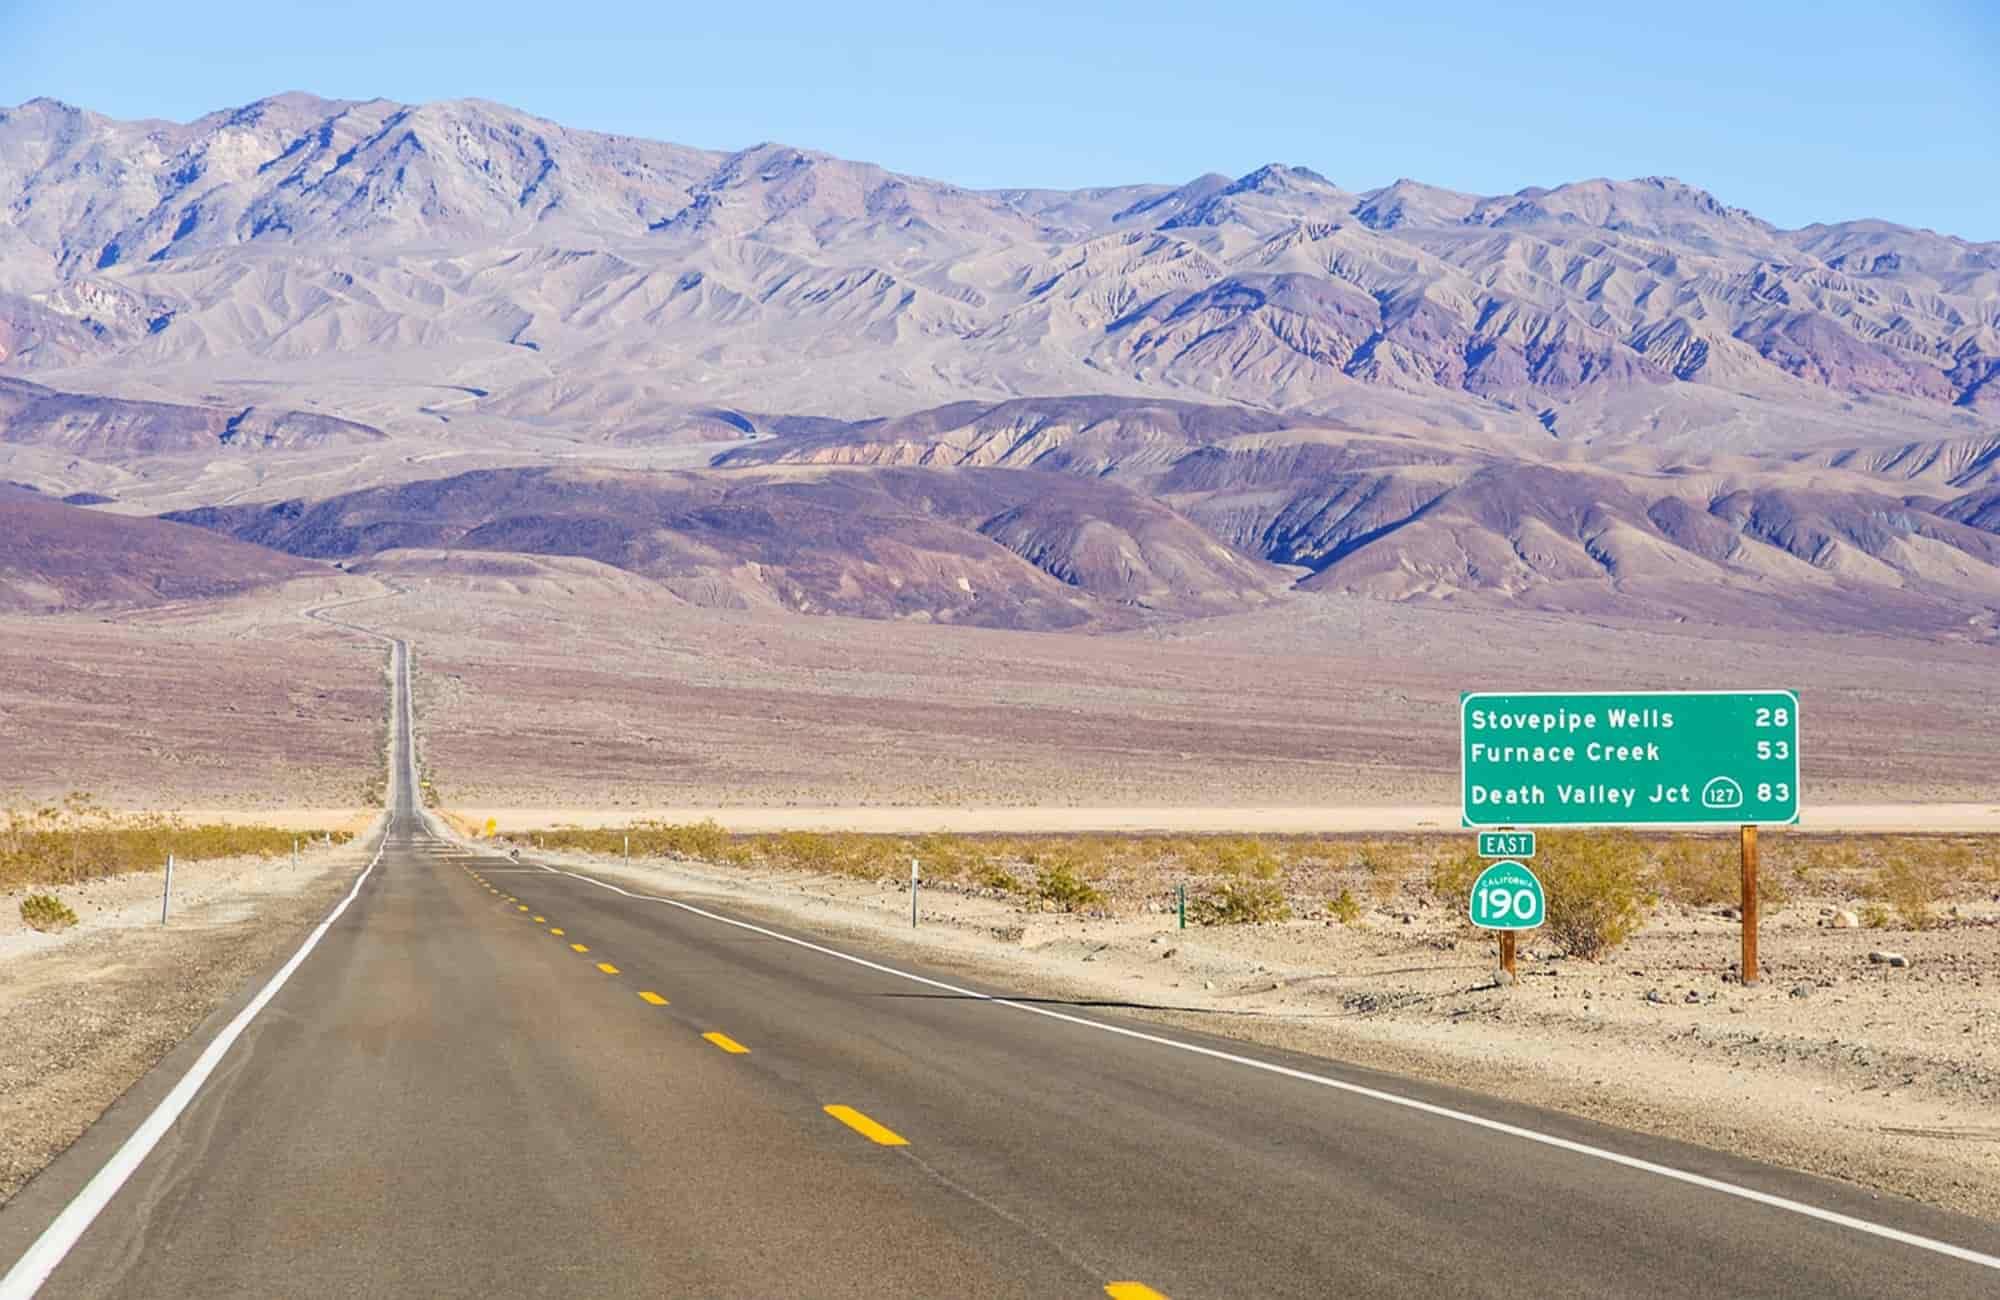 Voyage au États-Unis - Désert des Mojaves - Amplitudes